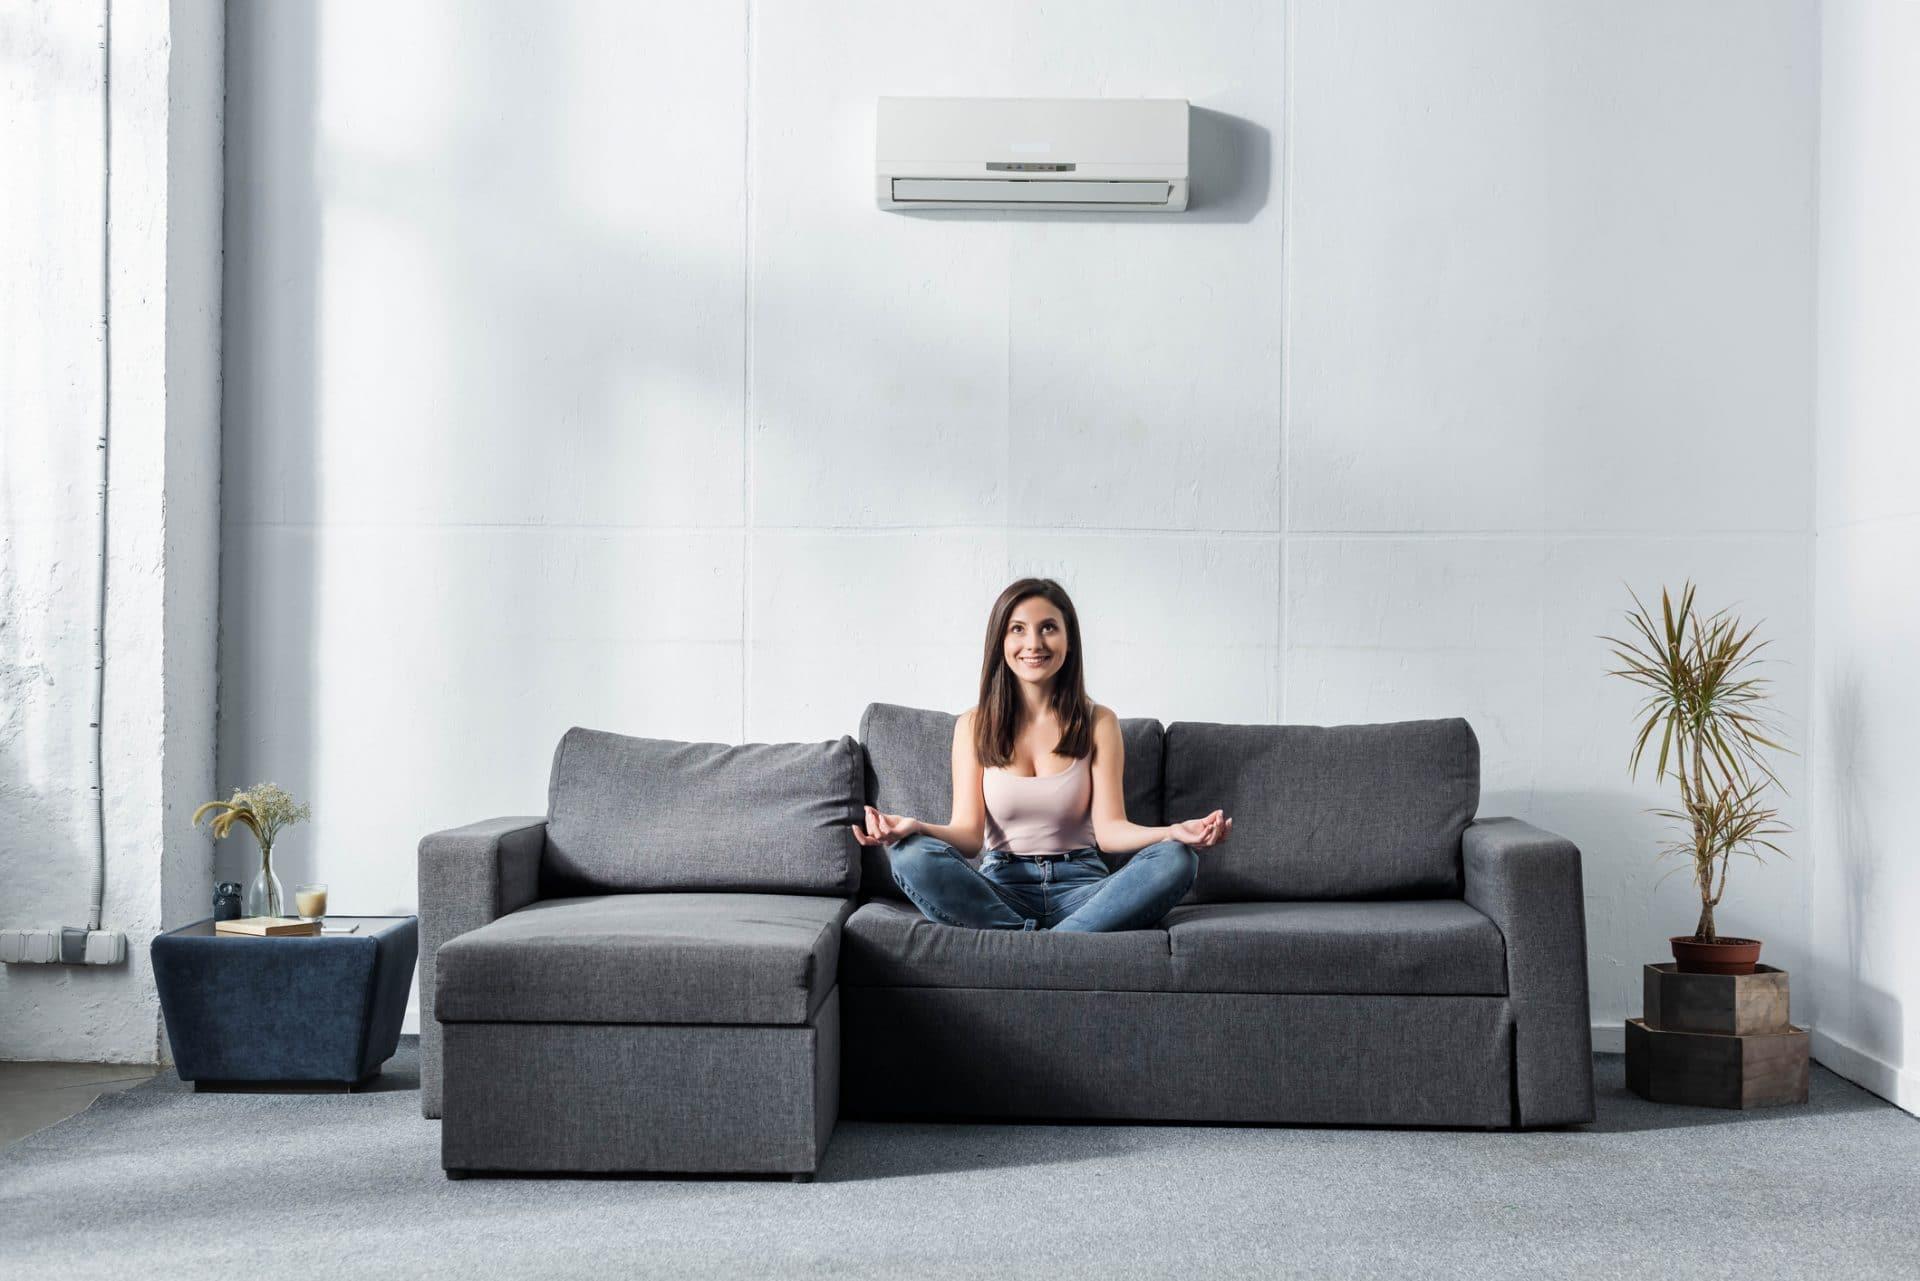 un climatiseur dans un salon avec une femme